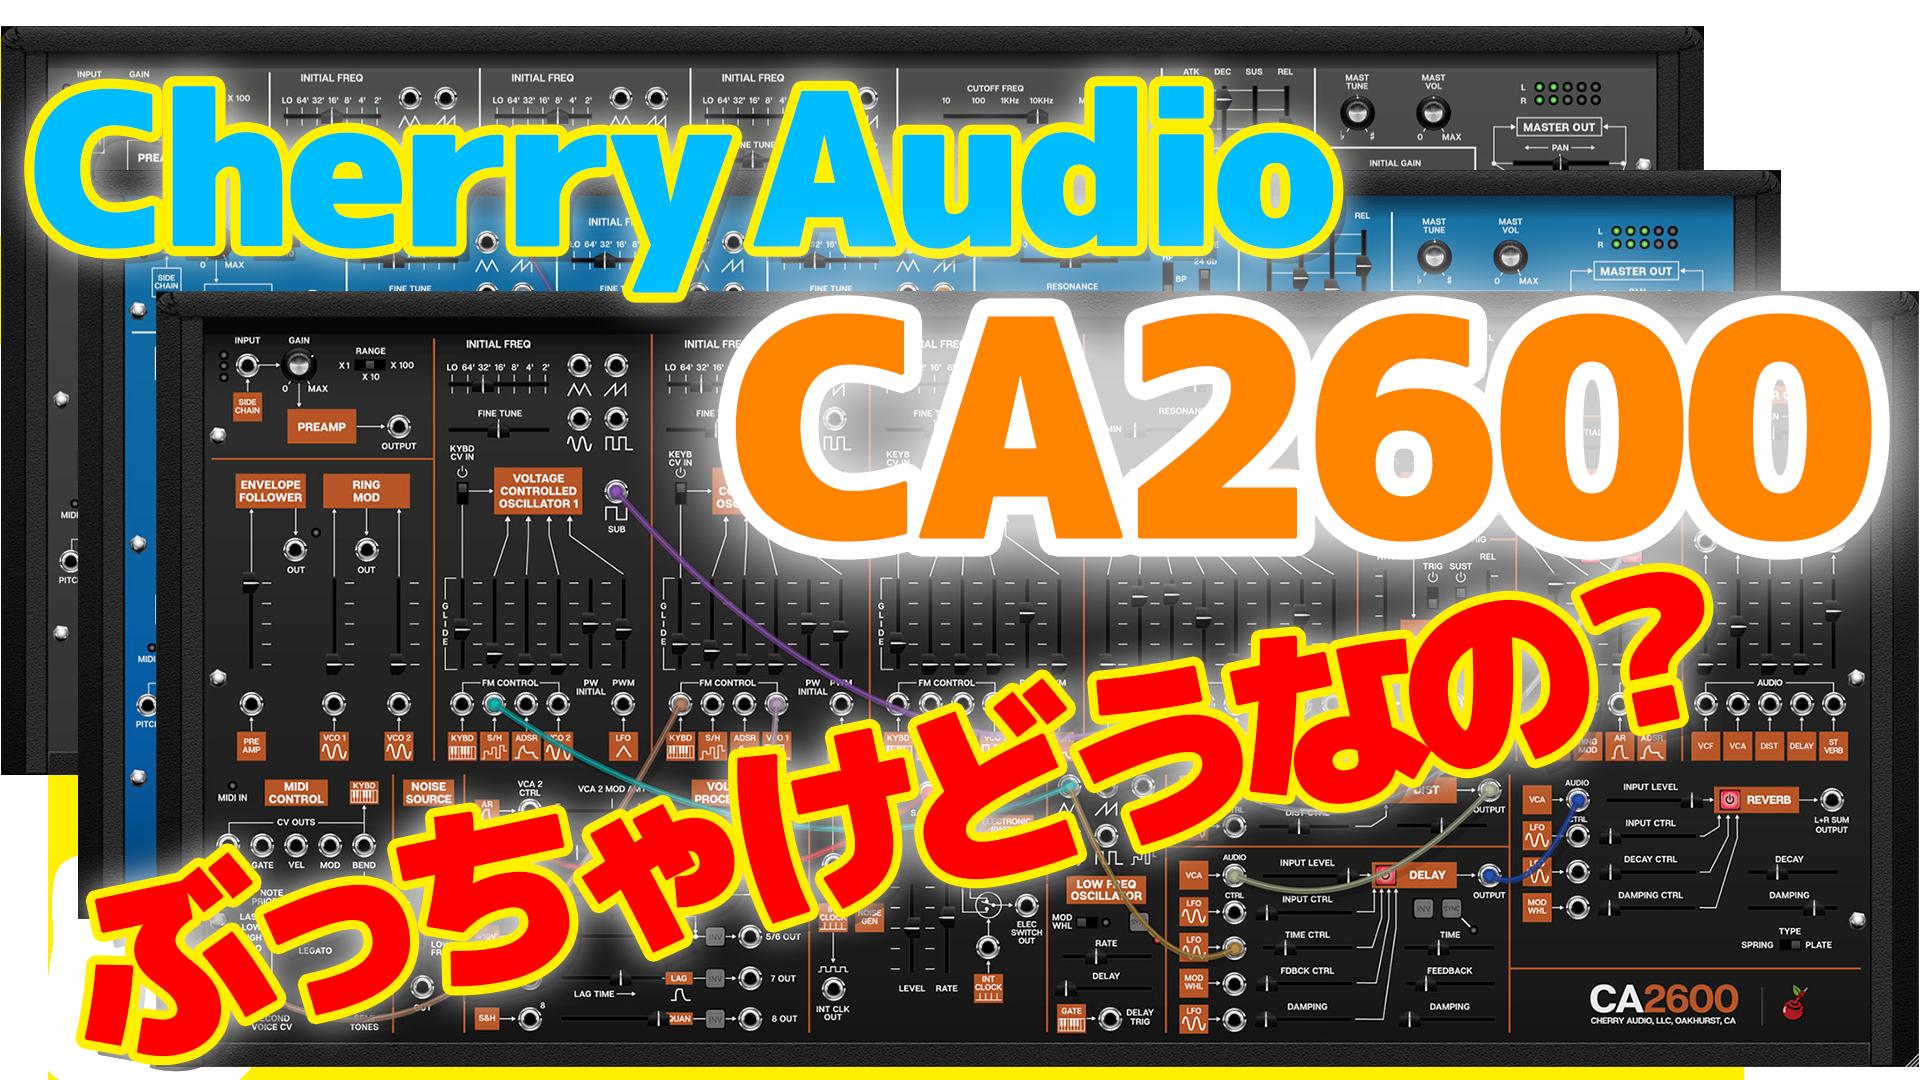 CherryAudio - CA2600|記事サムネ画像